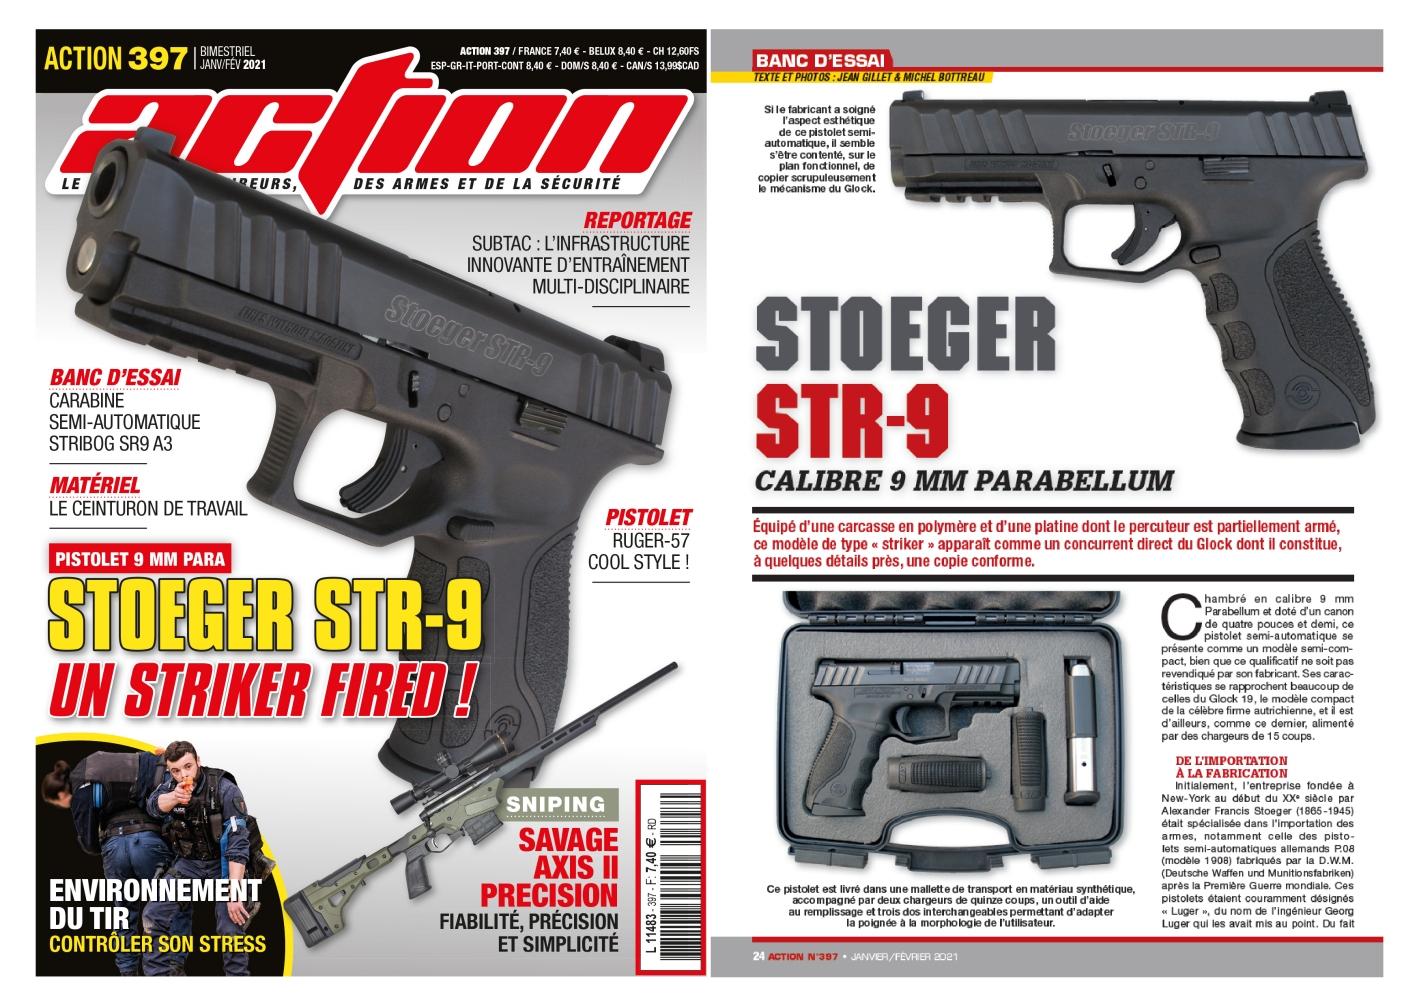 Le banc d'essai du pistolet Stoeger STR-9 a été publié sur 6 pages dans le magazine Action n°397 (janvier/février 2021)